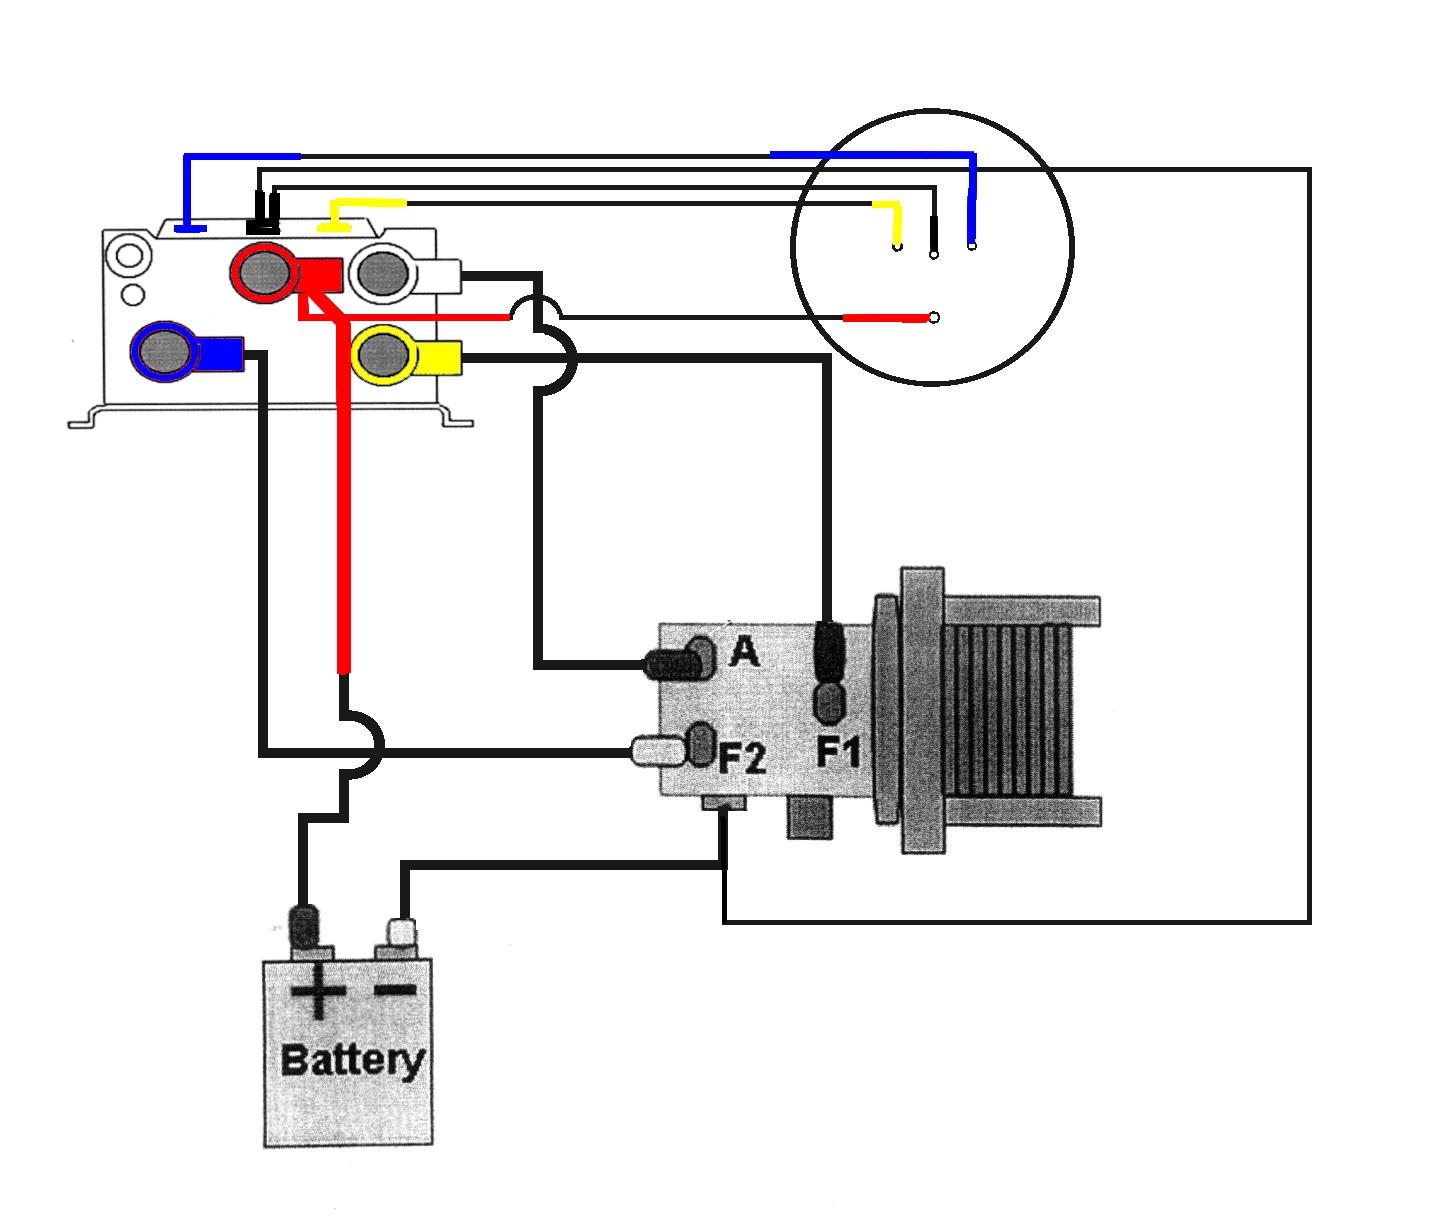 Winch 12 Volt Relay Wiring Diagram - Vanagon Fuse Diagram -  vw-t5.yenpancane.jeanjaures37.fr | Winch Wire Diagram Relays |  | Wiring Diagram Resource